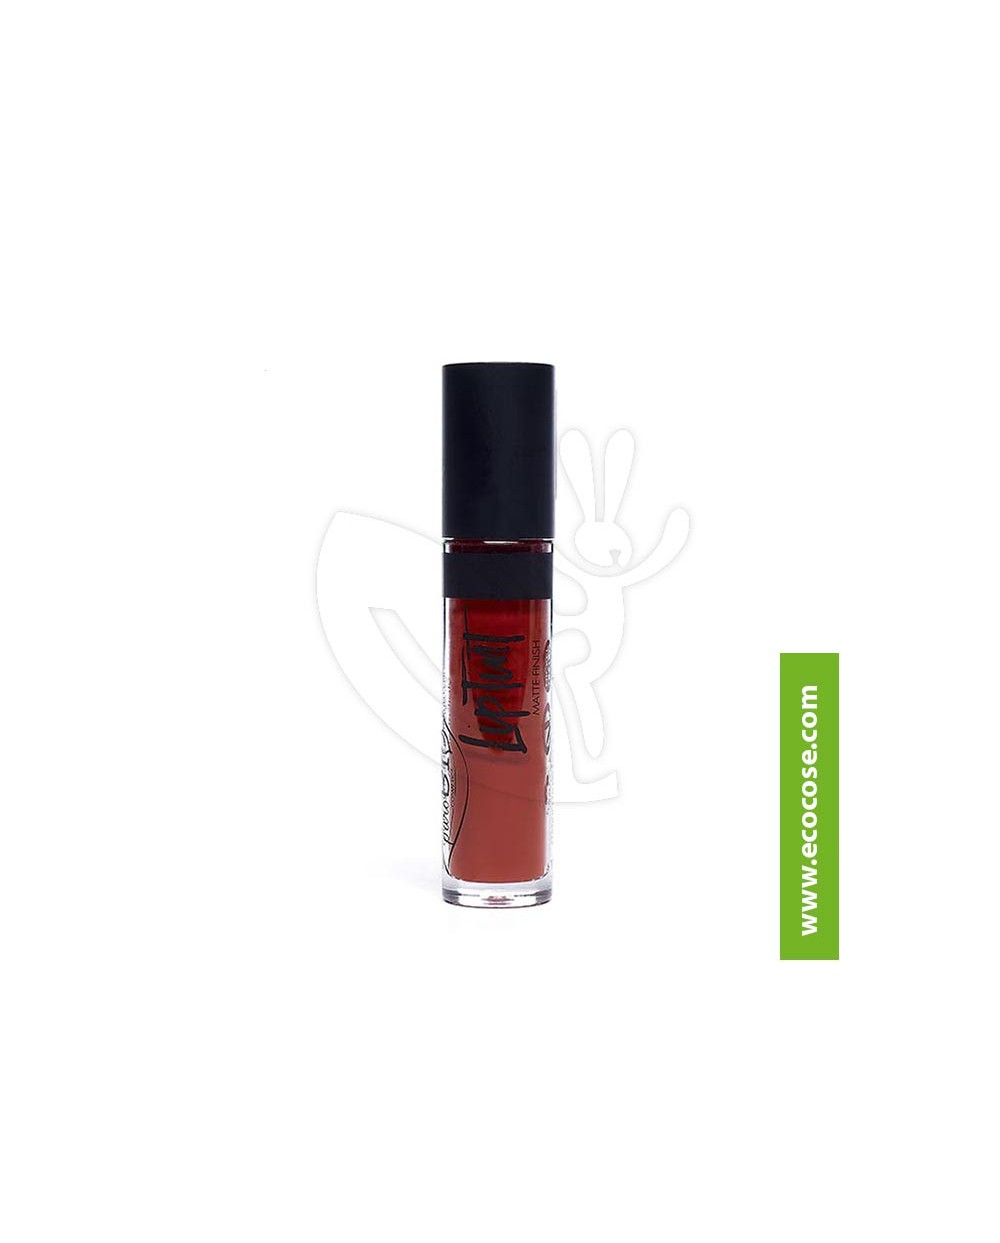 PuroBIO Cosmetics - LipTint 05 - Rosso corallo